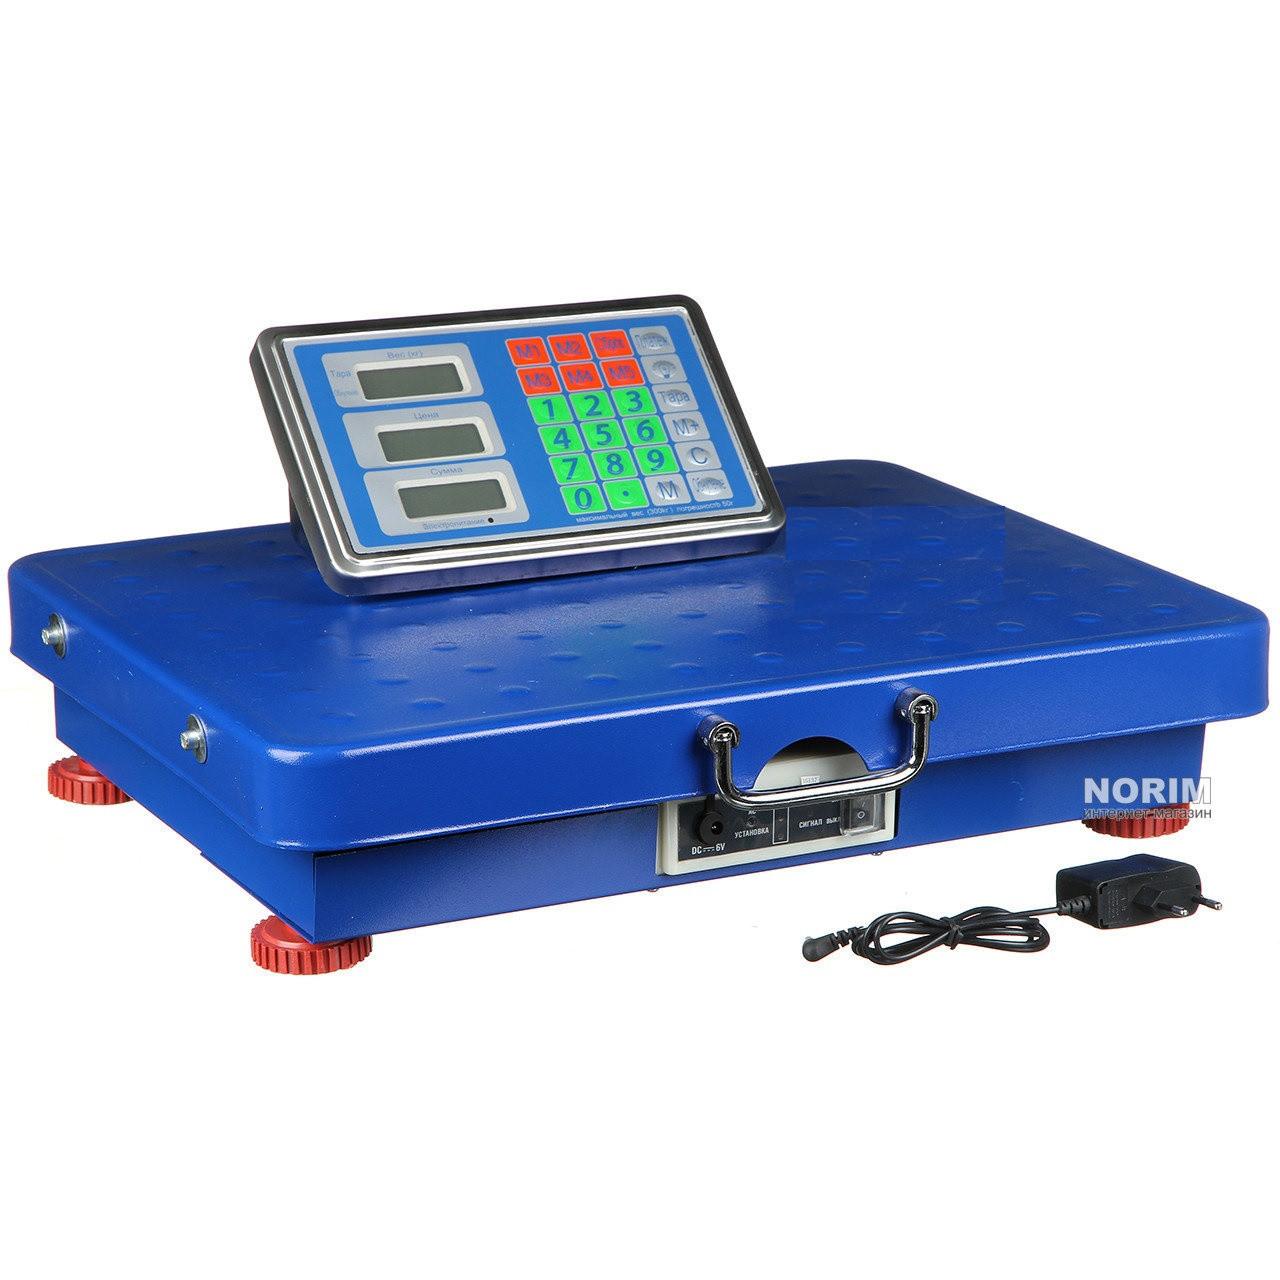 Беспроводные электронные торговые весы Спартак до 300 кг с Wifi, товарные платформа, базарные до 300кг